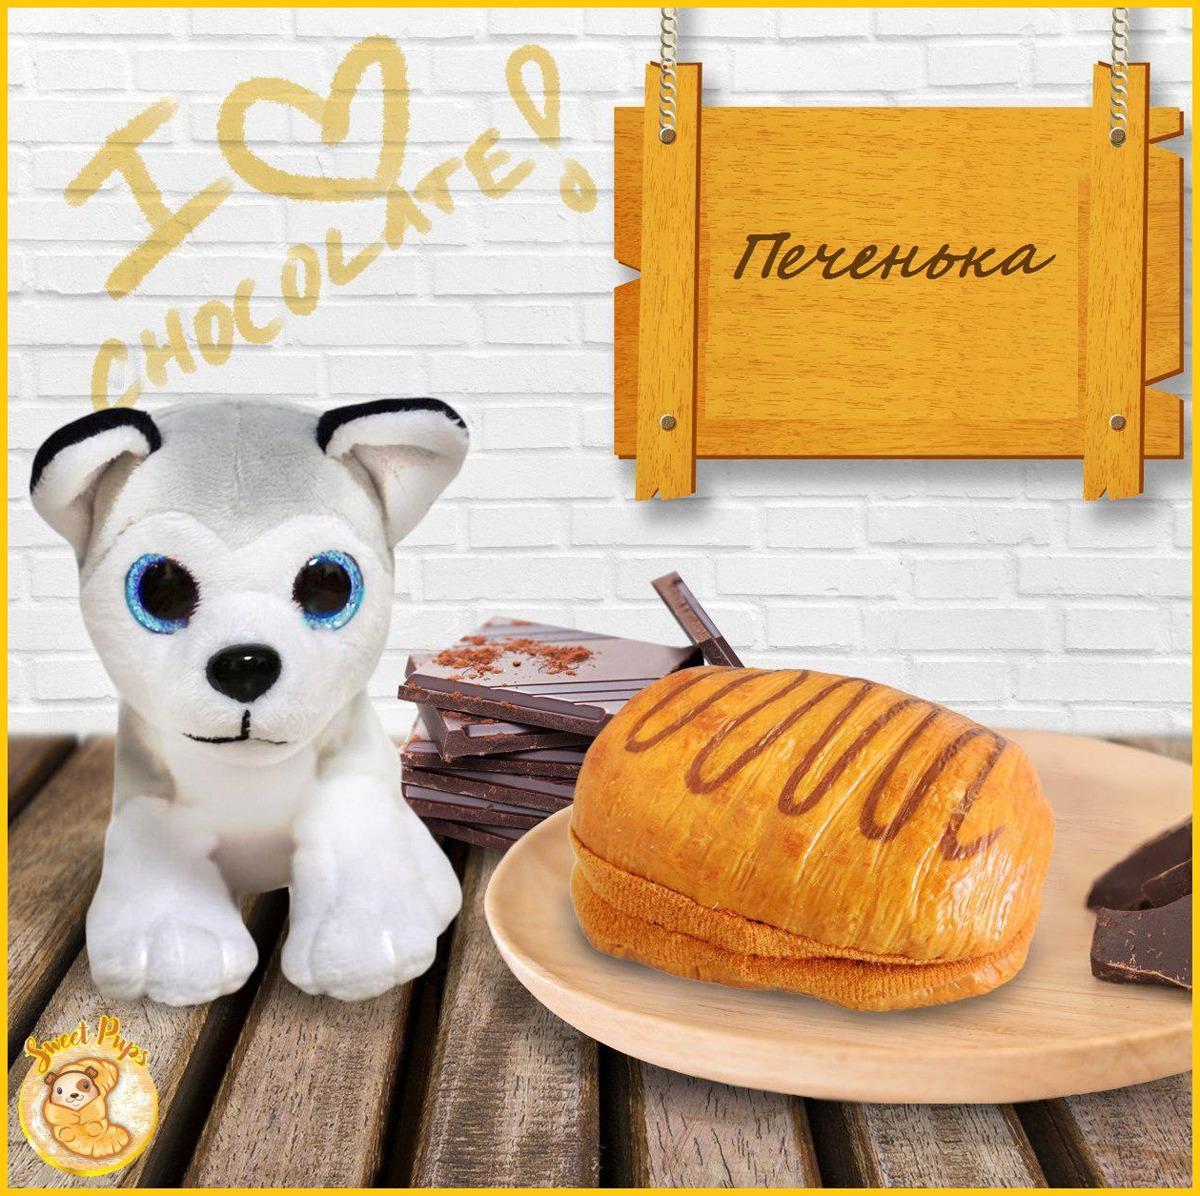 Трансформер Sweet Pups Печенька, 1610032 украшения женский портал pups market ru